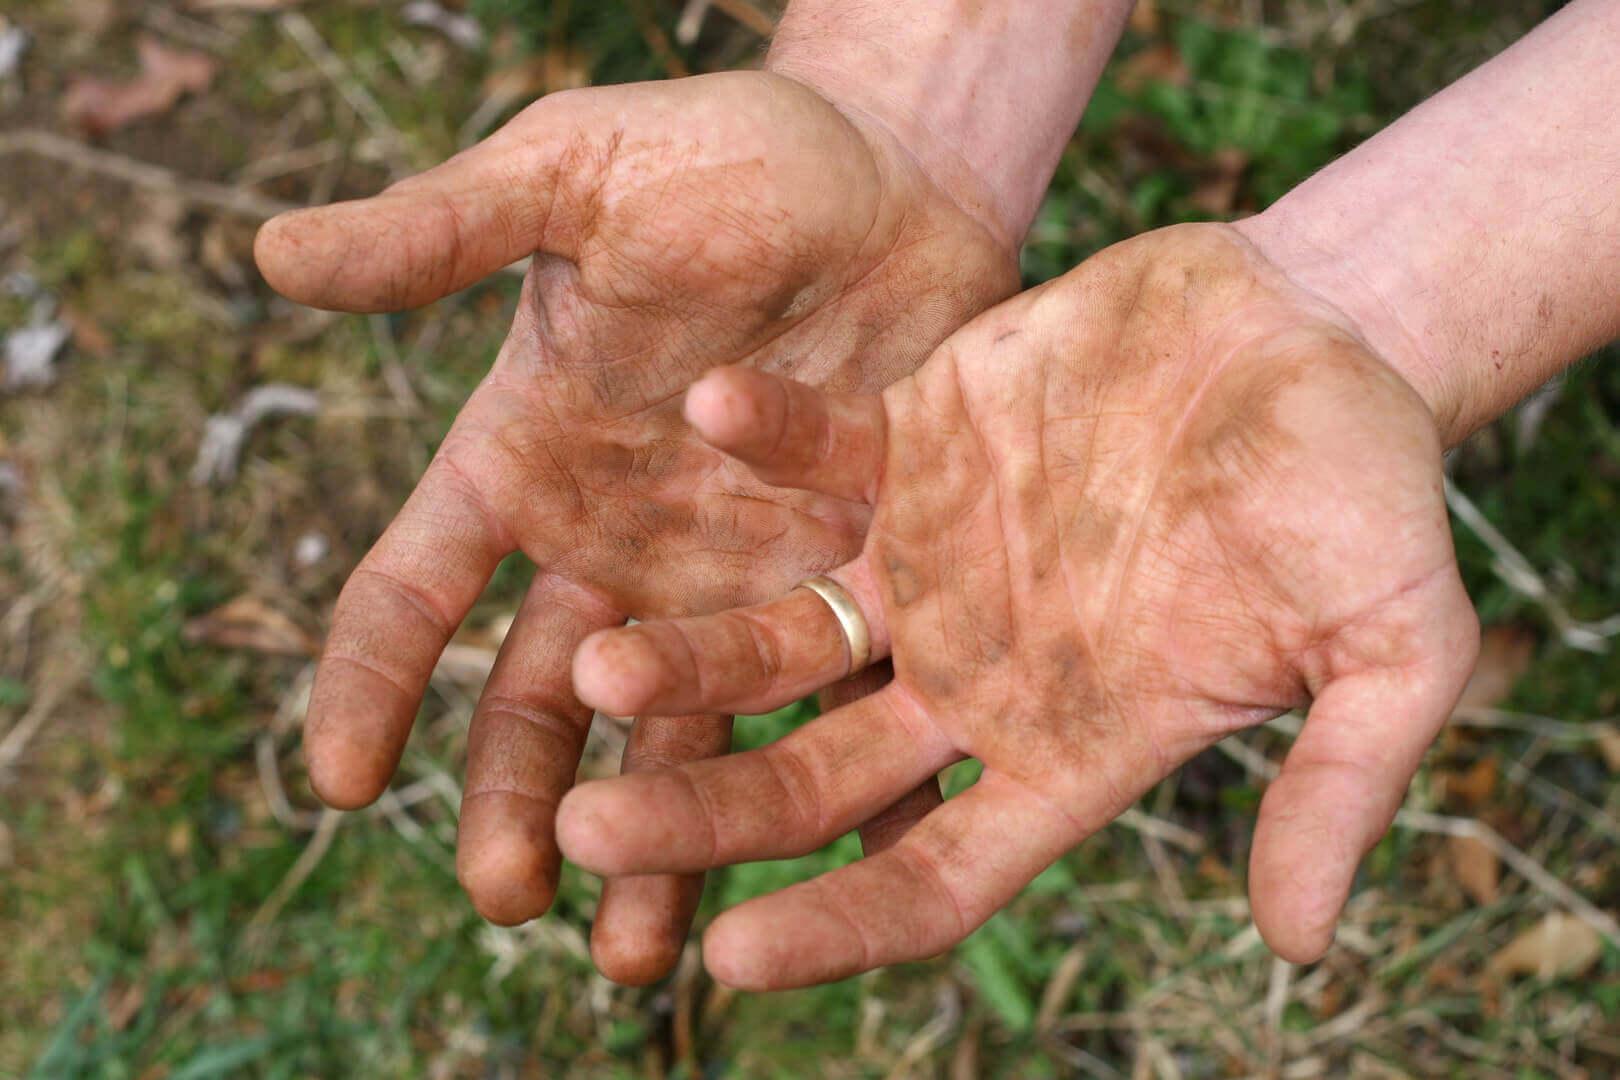 Paskaduuni ja likaisia jauhoja